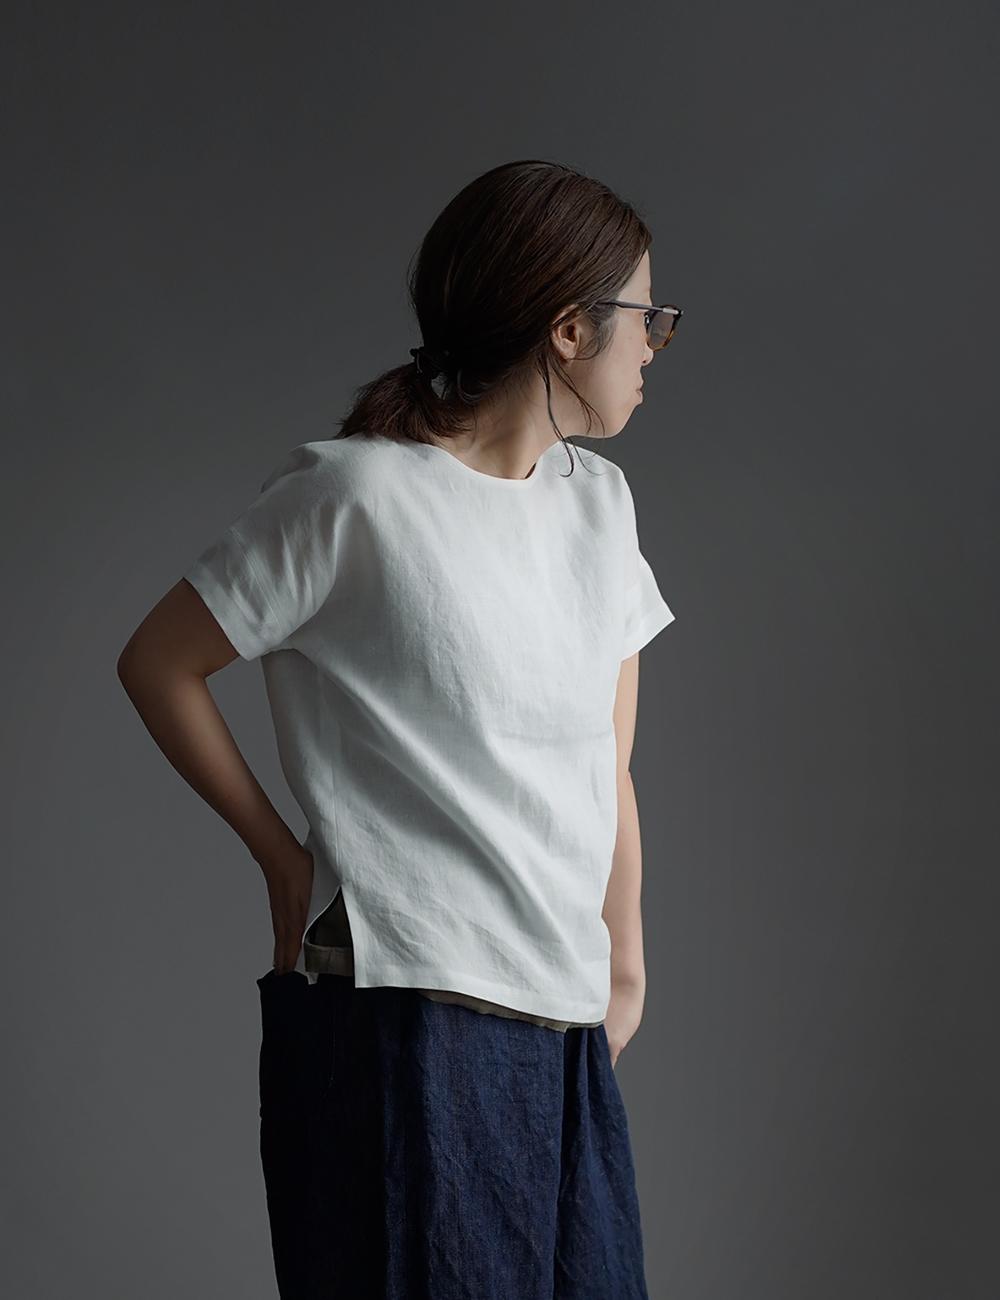 【wafu】Linen T-shirt ドロップショルダー Tシャツ /白色 t001l-wht1